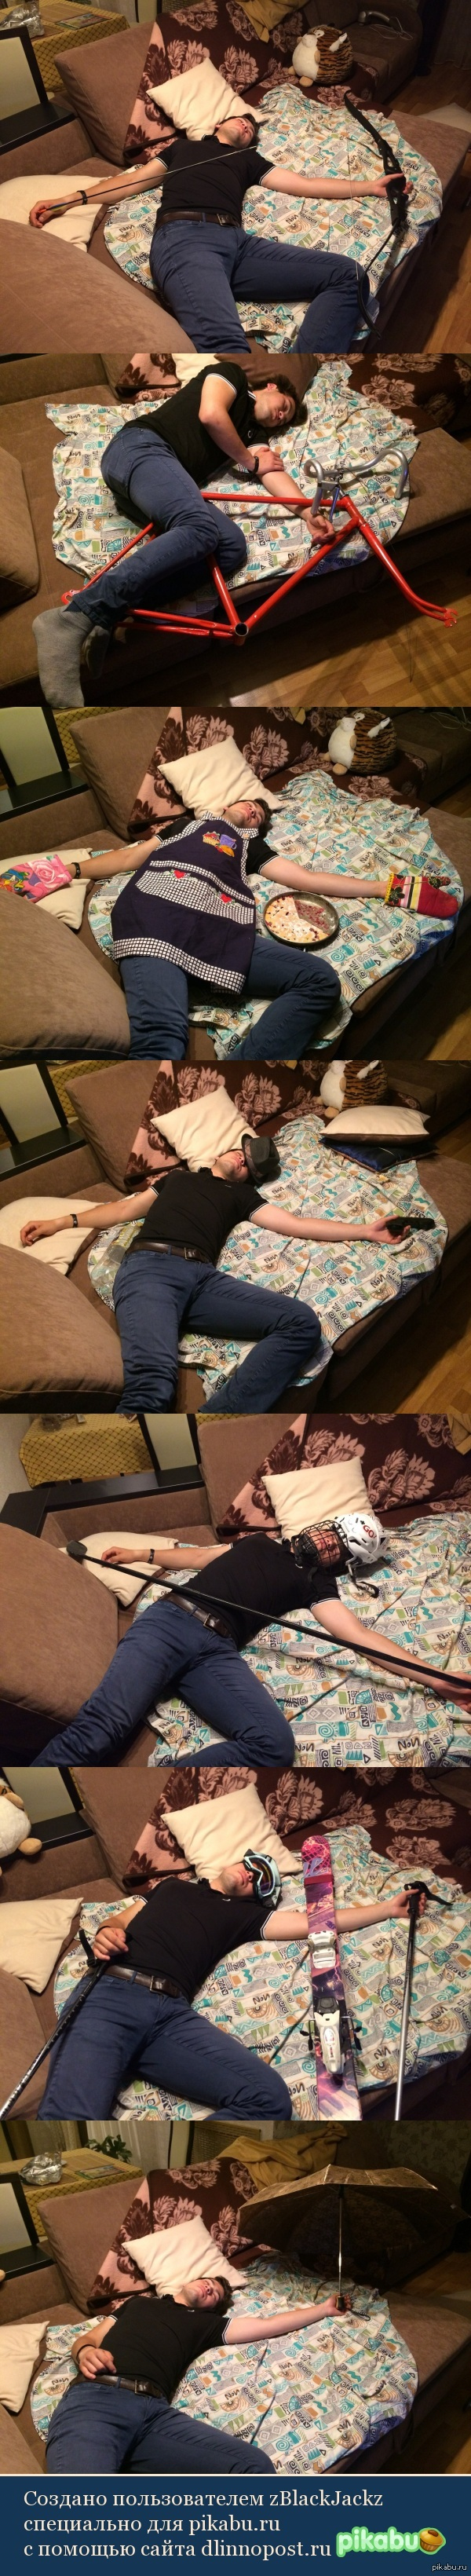 Классика Когда твой друг уснул на вписке